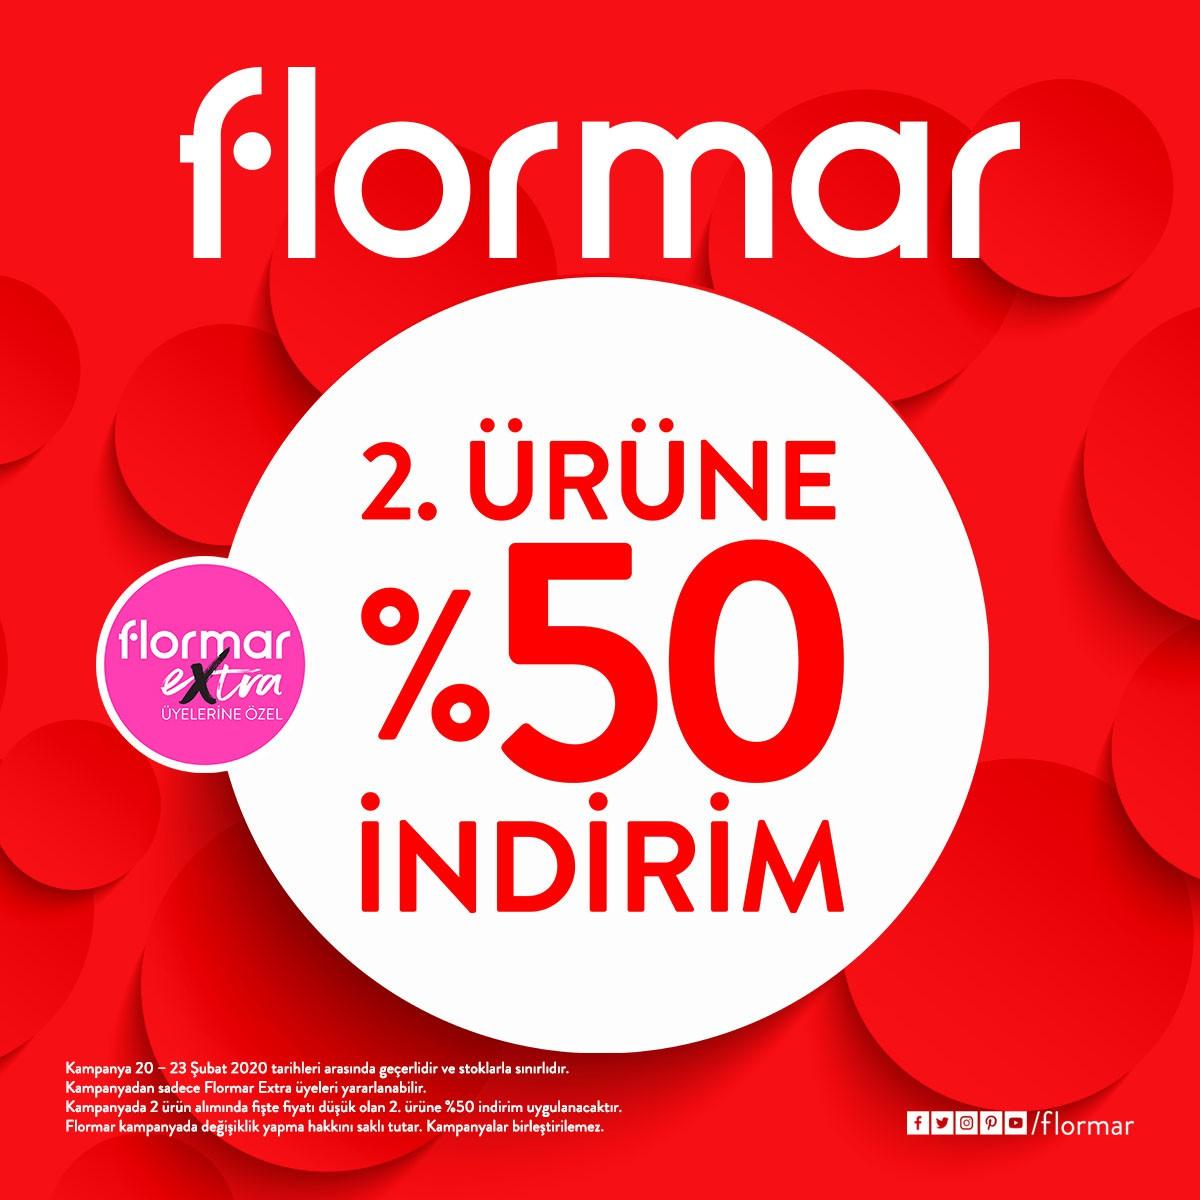 20-23 Şubat tarihleri arasında FLORMAR'da 2. ürüne %50 indirim fırsatı sizleri bekliyor!